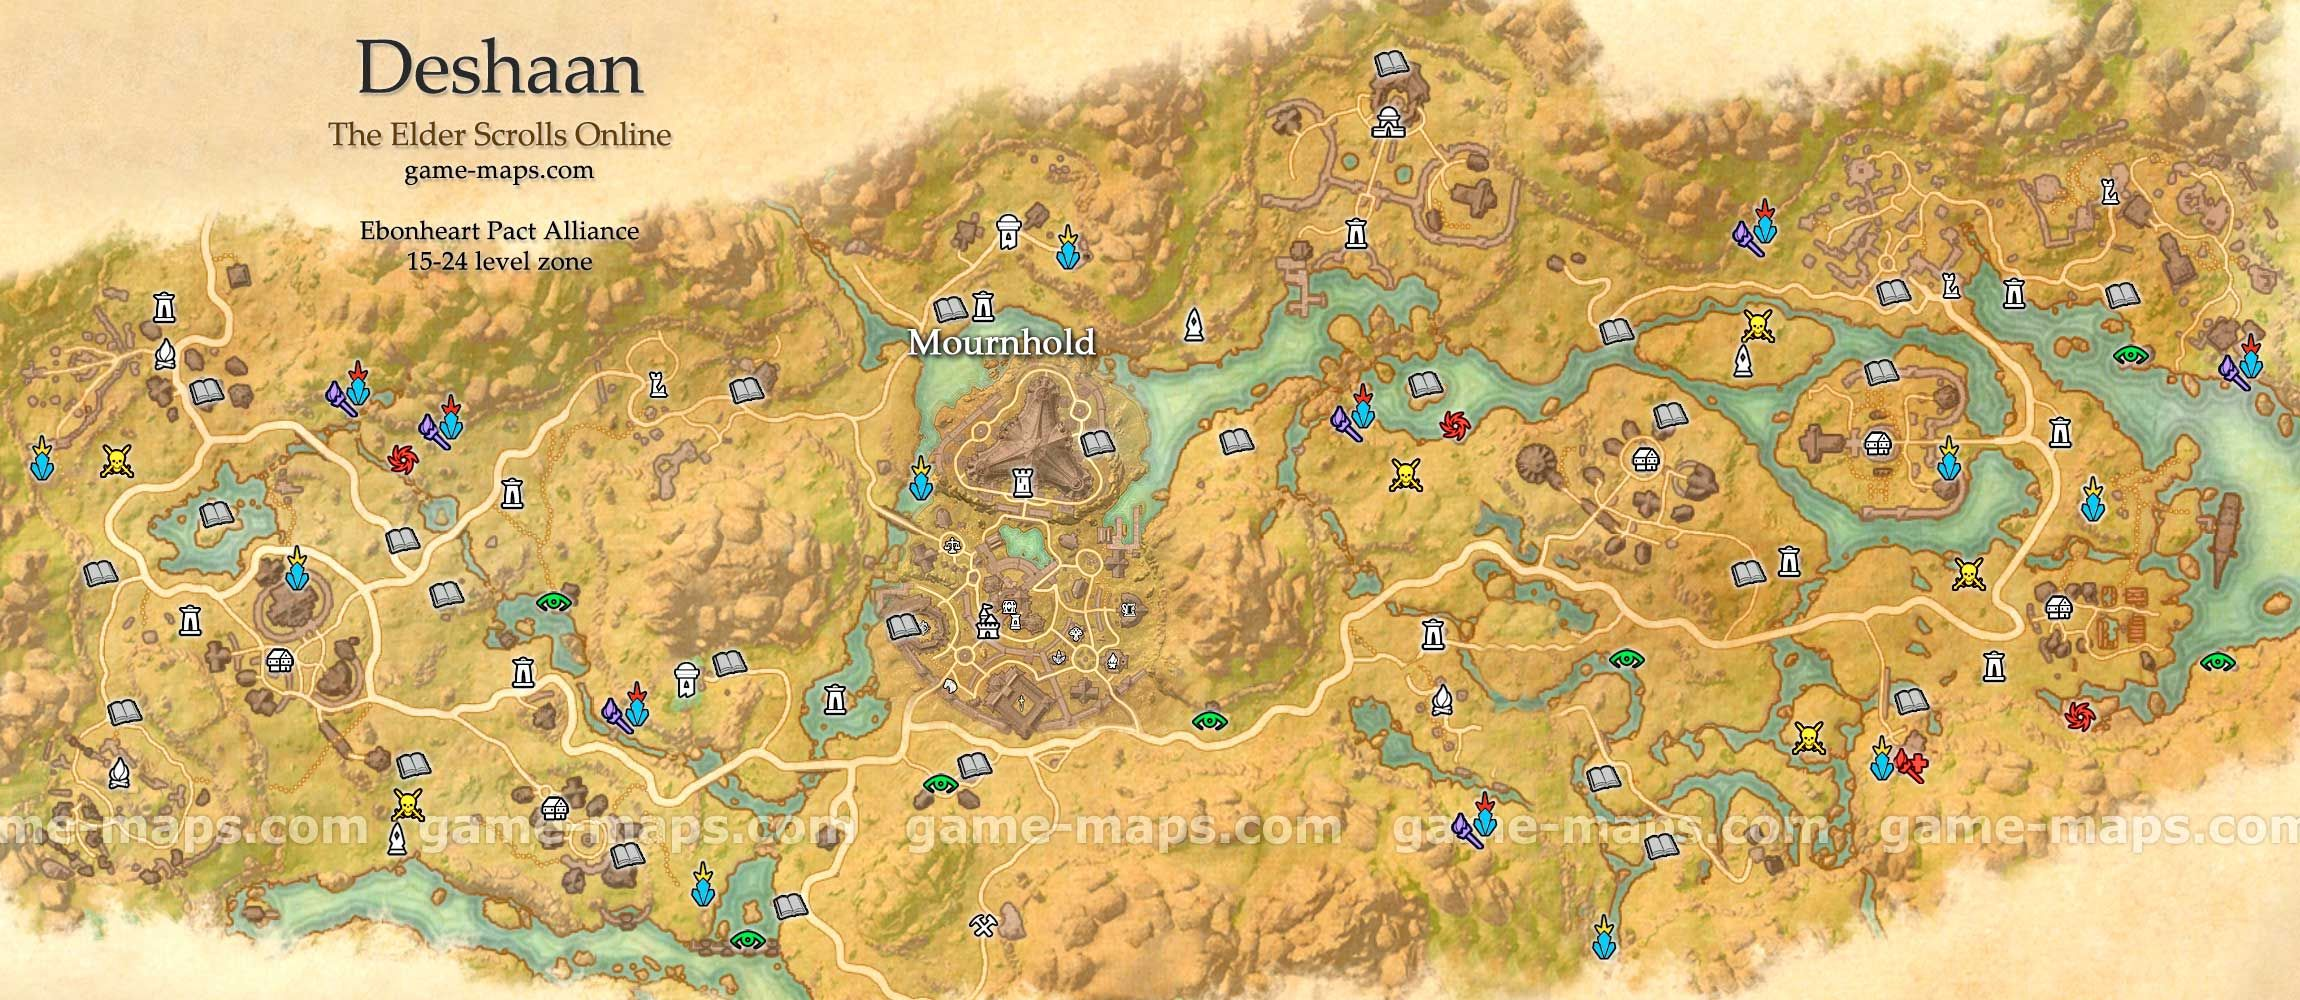 Deshaan map the elder scrolls online eso pinterest deshaan map the elder scrolls online gumiabroncs Images